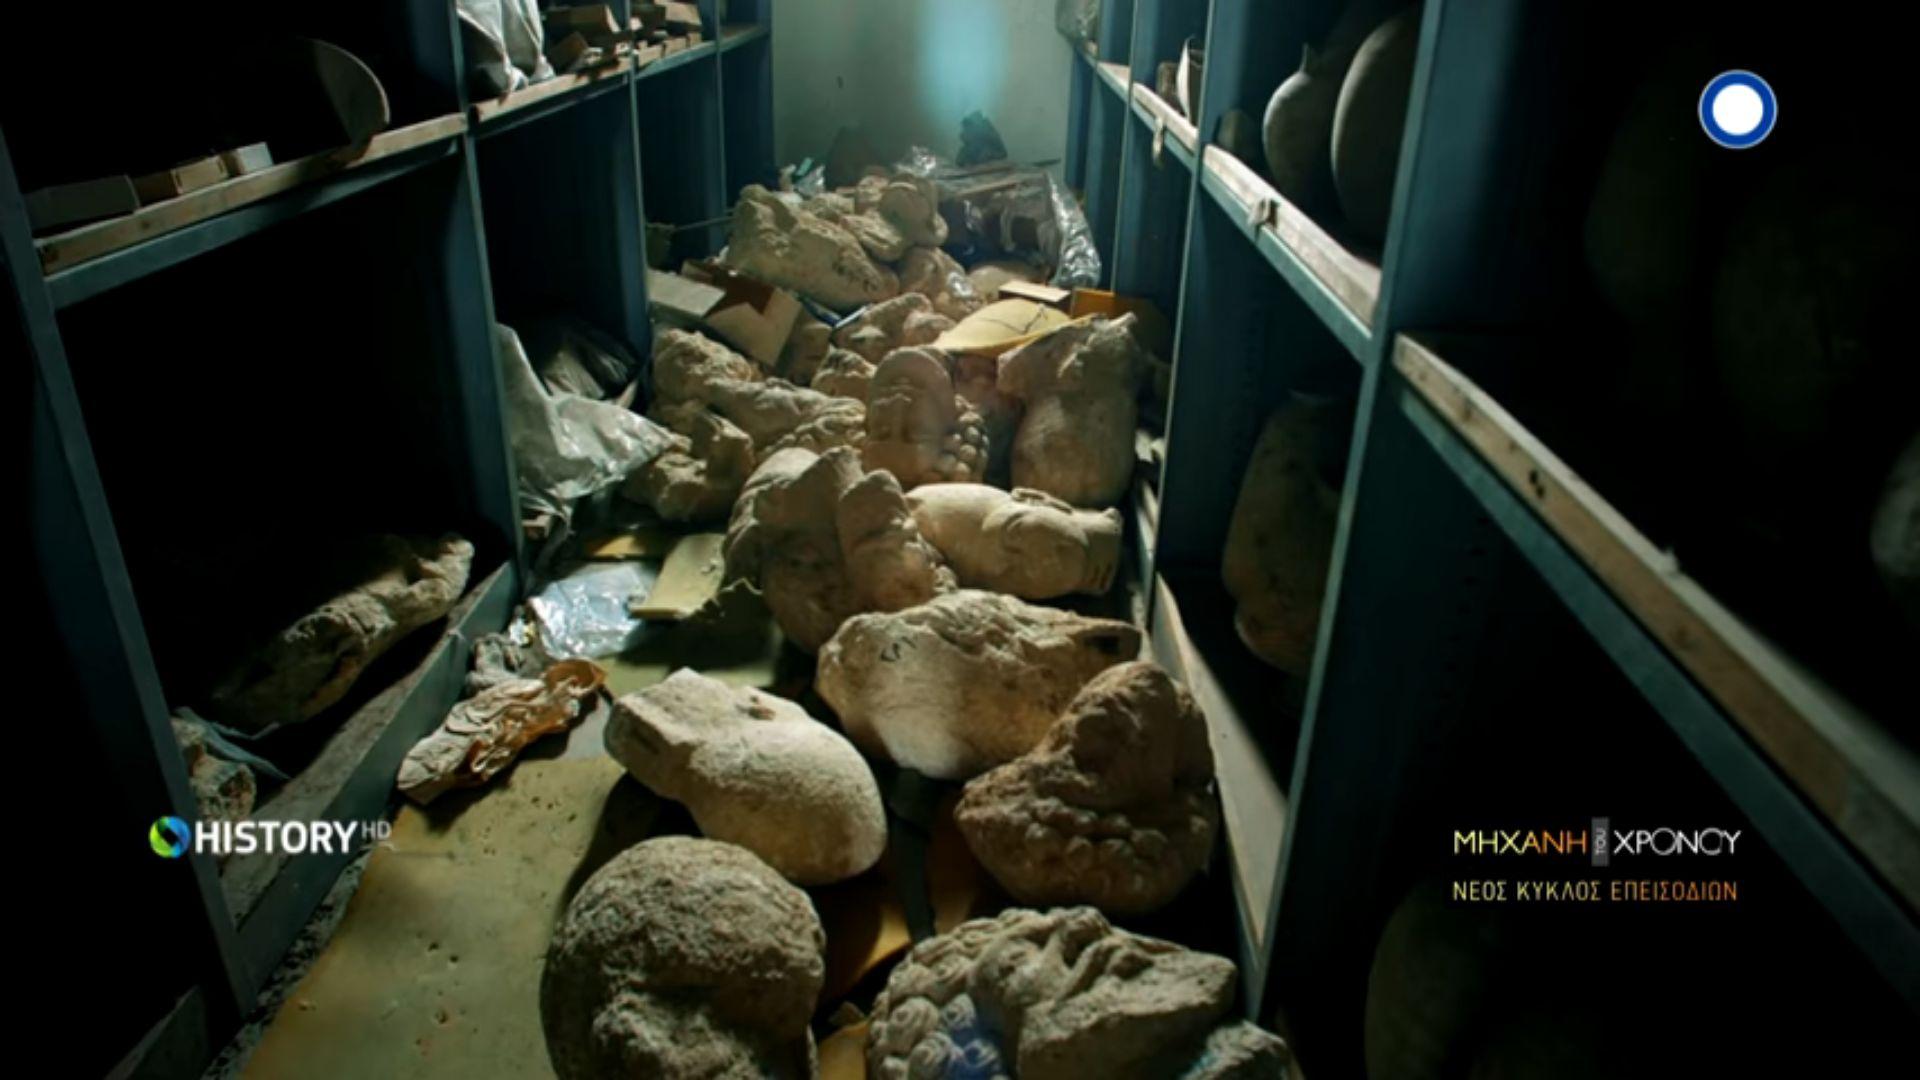 Πώς η διεθνής των αρχαιοκαπήλων λεηλάτησε τις Κυκλάδες και την υπόλοιπη Ελλάδα. Μιλάνε κορυφαίοι αρχαιολόγοι. Νέα εκπομπή (βίντεο)